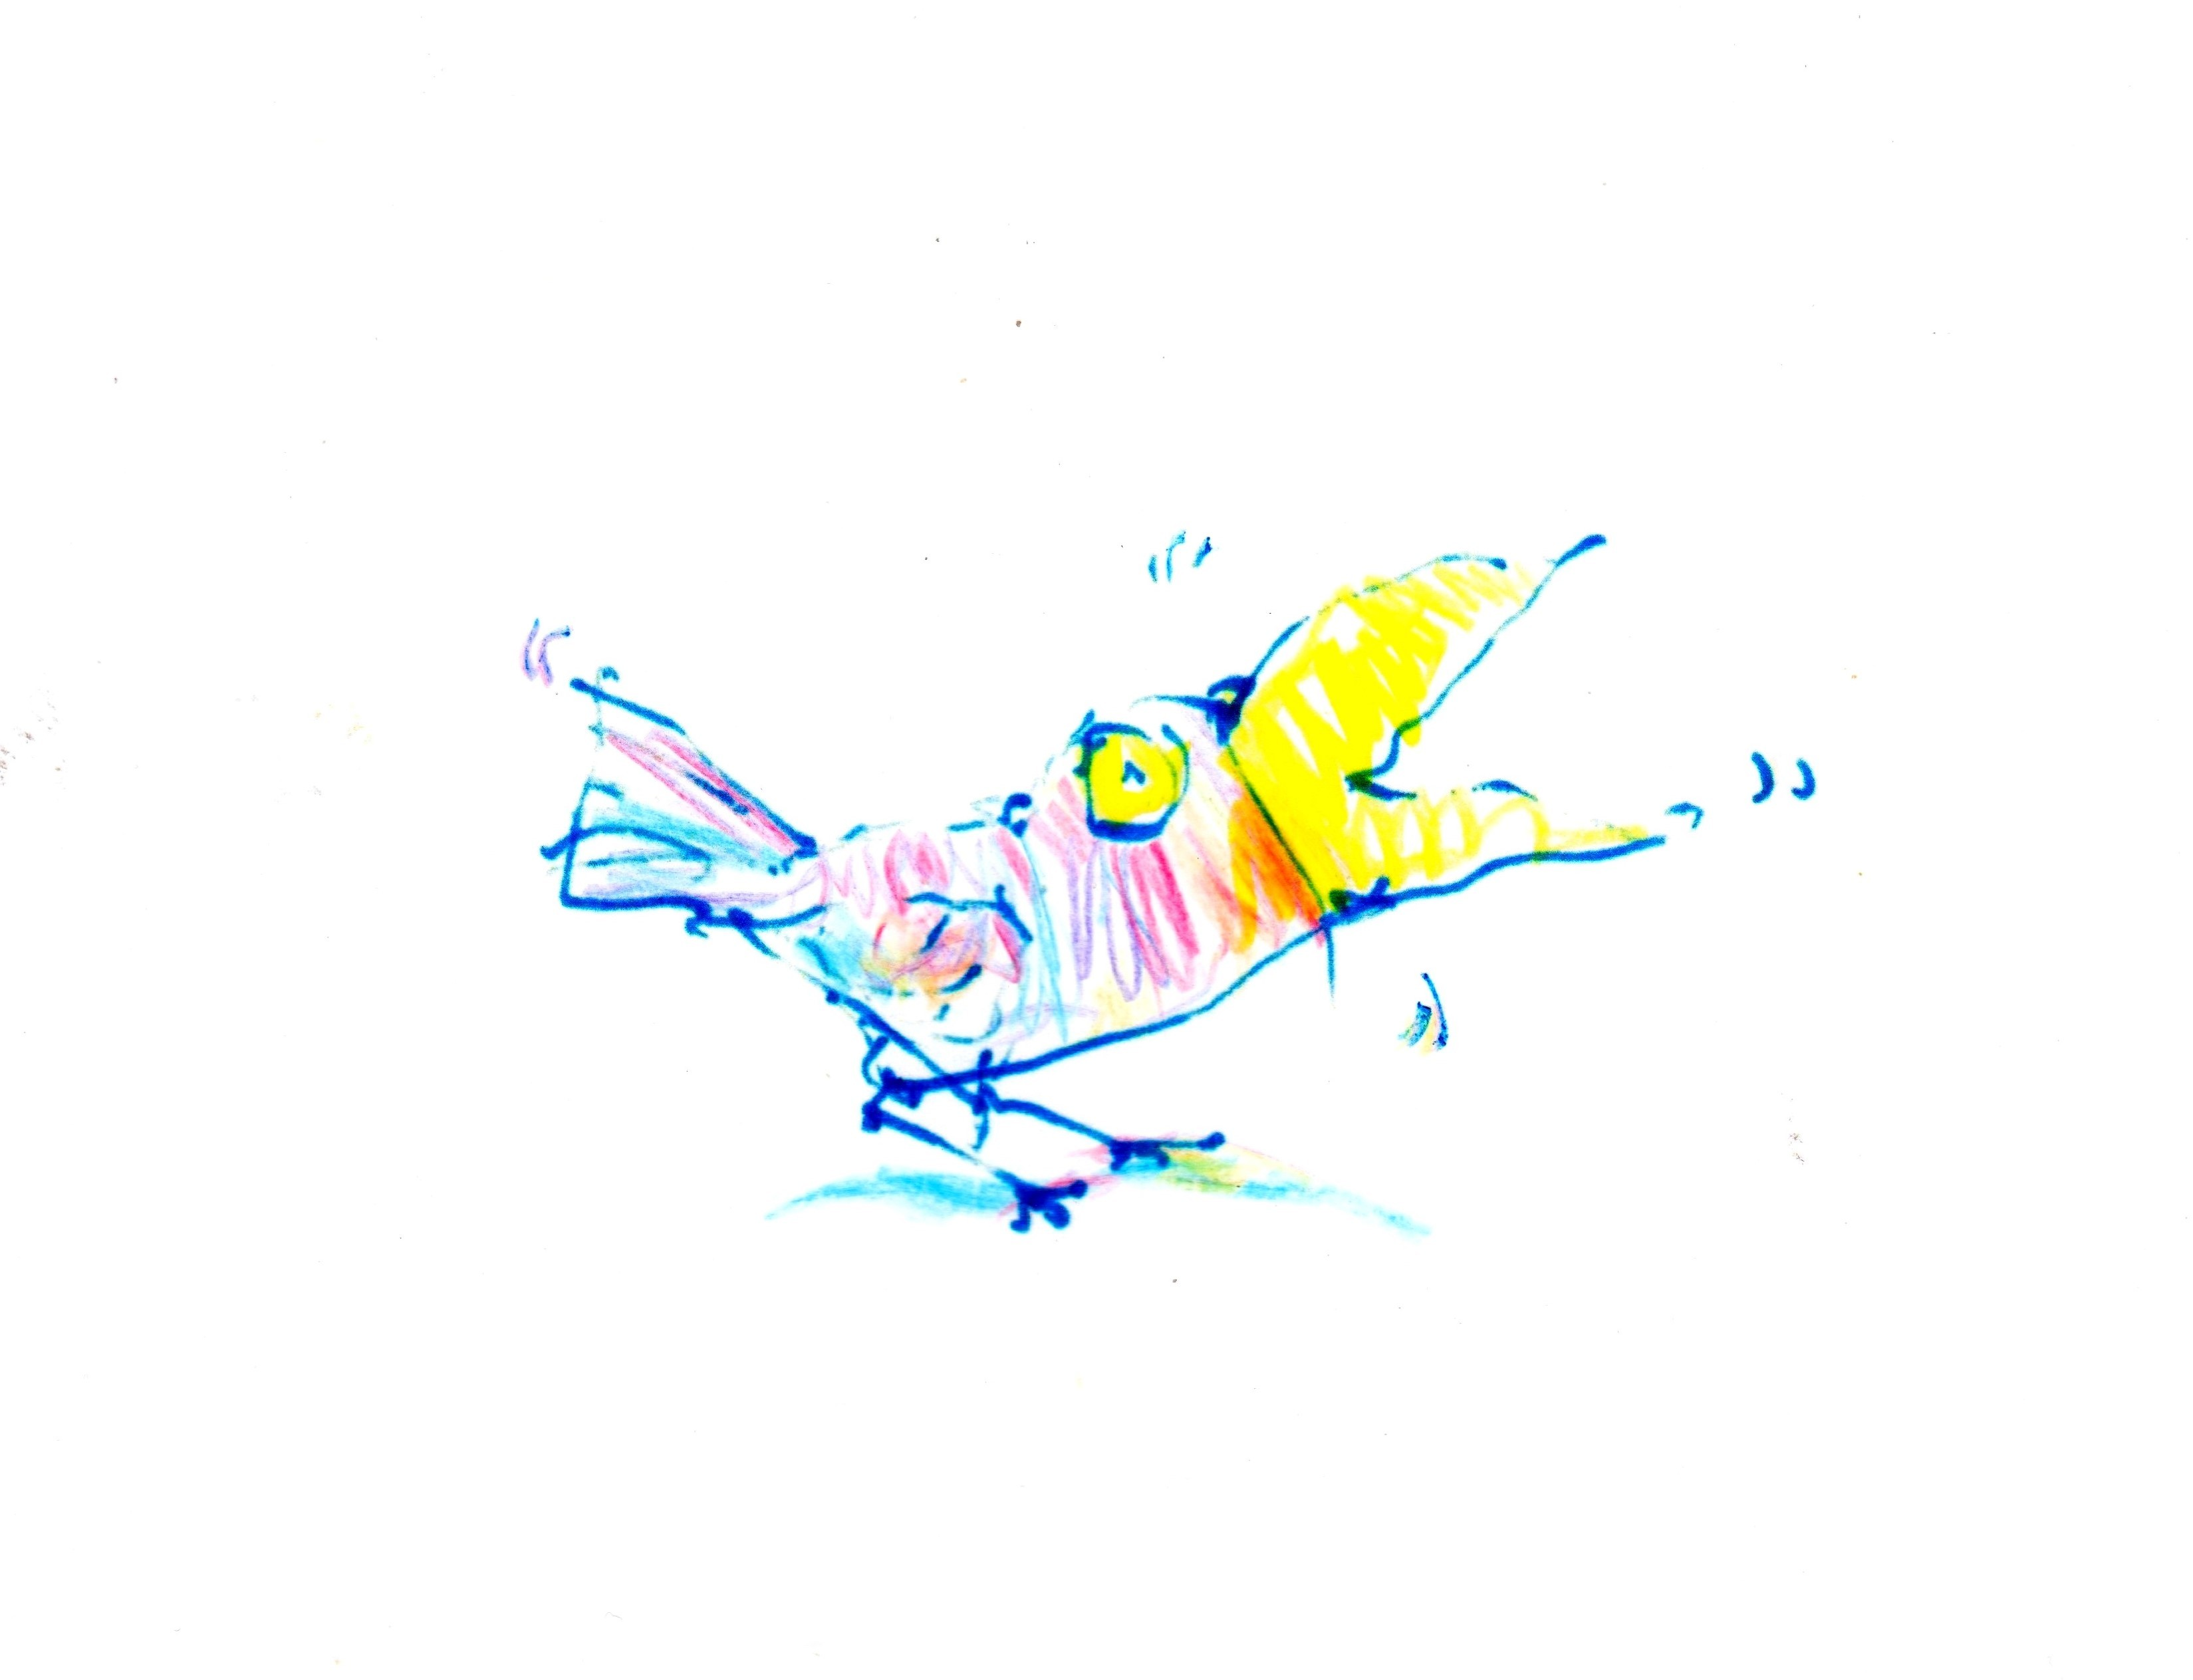 《 画室《游》 オリジナルイラストマグカップ シリーズ  その 6 》_f0159856_09114008.jpg